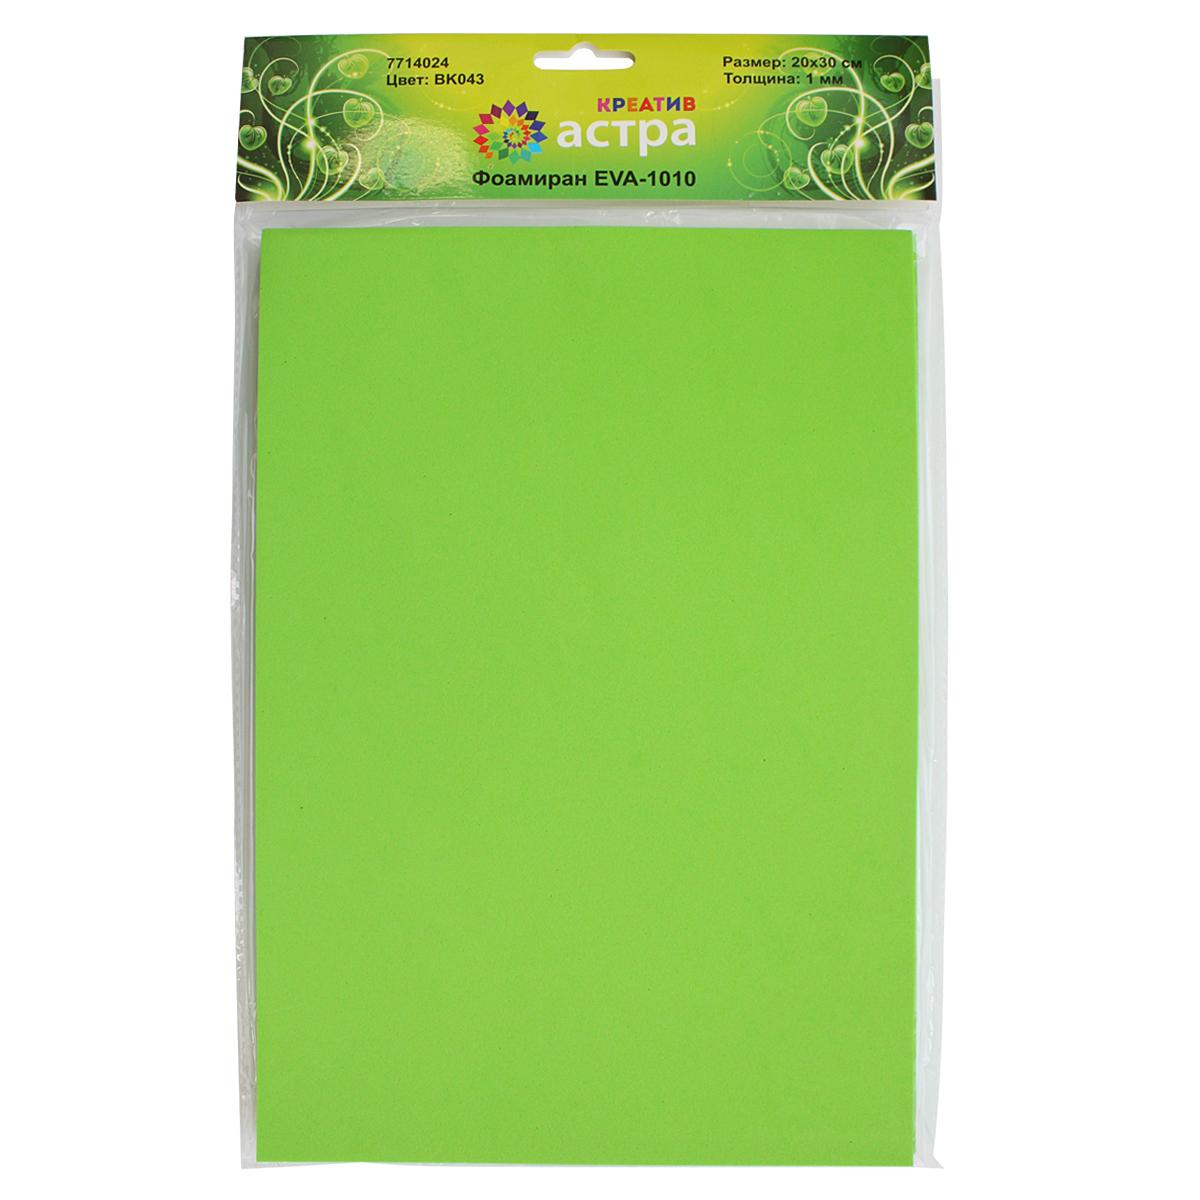 Фоамиран Астра, цвет: зеленый, 20 х 30 см, 10 шт7714024_BK043 зеленыйФоамиран Астра - это пластичная замша, ее можно применить для создания разнообразного вида декора: открытки, магнитики, цветы, забавные игрушки и т.д. Главная особенность материала фоамиран заключается в его способности к незначительному растяжению, которого вполне достаточно для «запоминания» изделием своей формы.На ощупь мягкая синтетическая замша очень приятна и податлива, поэтому работать с ней не составит труда даже начинающему.Размер ткани: 200 x 300 мм. В упаковке 10 штук.